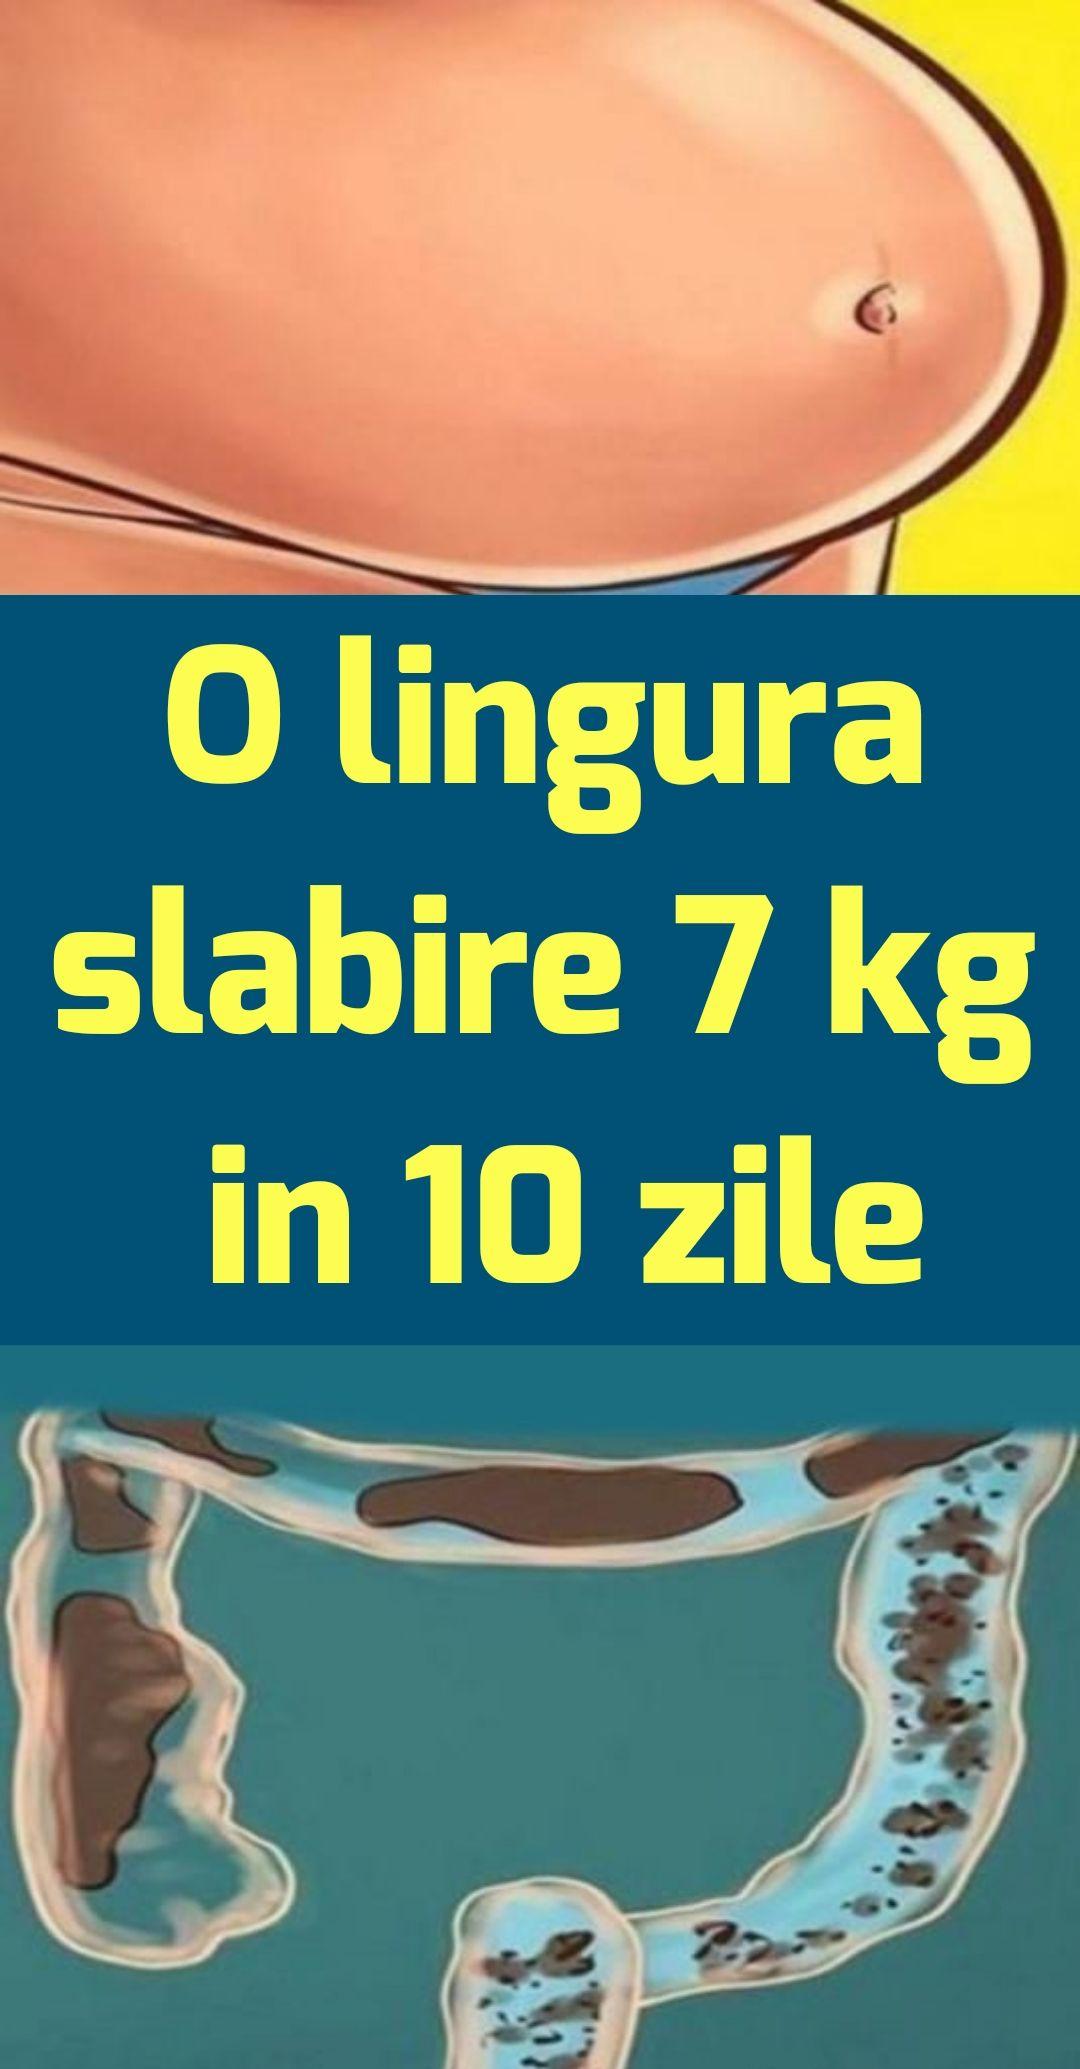 Pierdere în greutate de 10 kg în 7 zile)